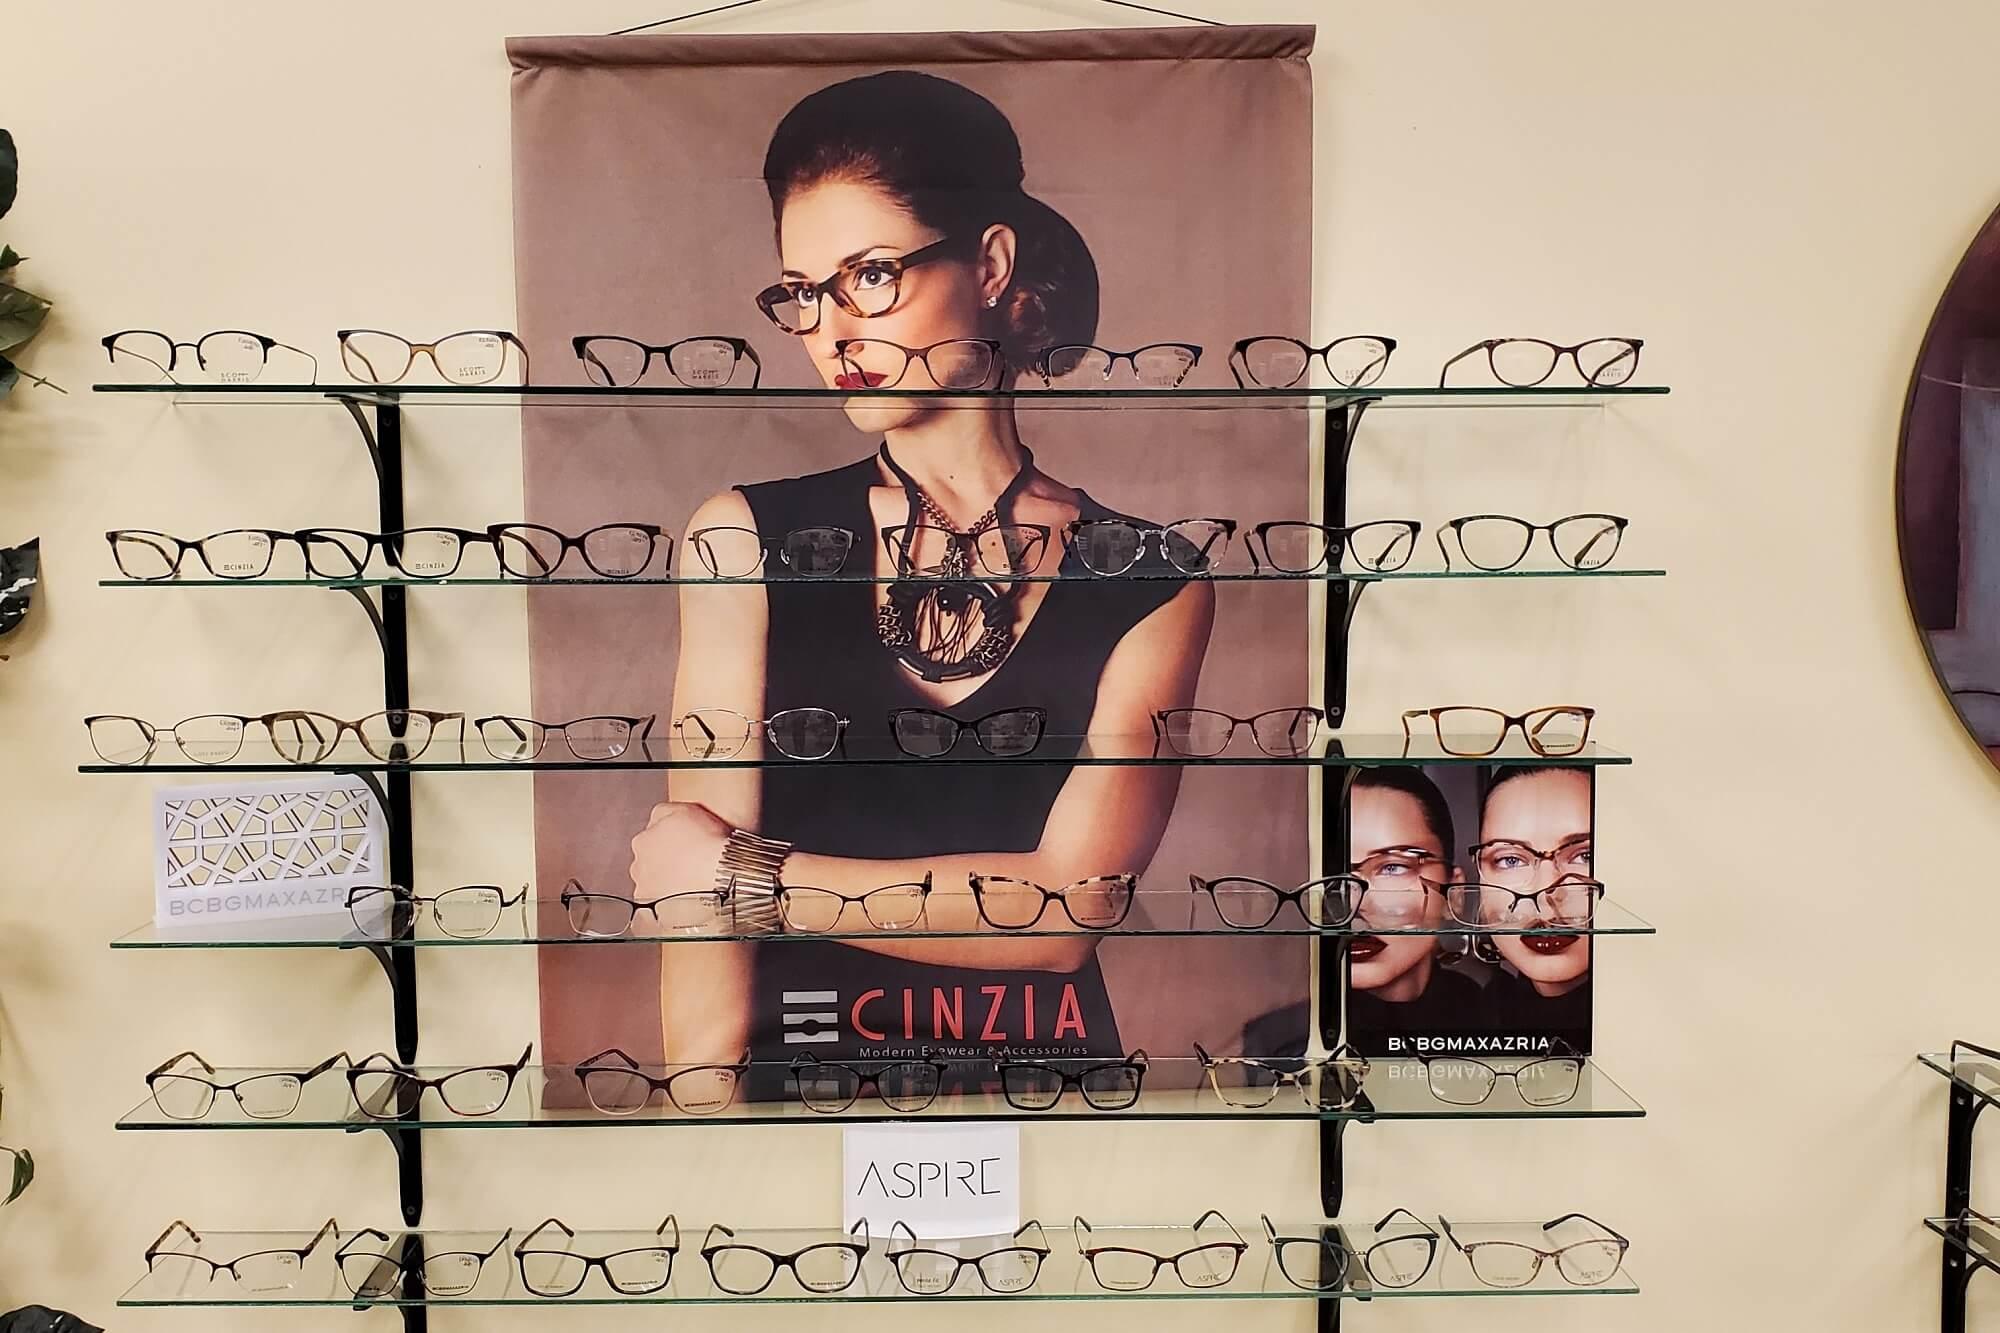 Cinzia eyewear display